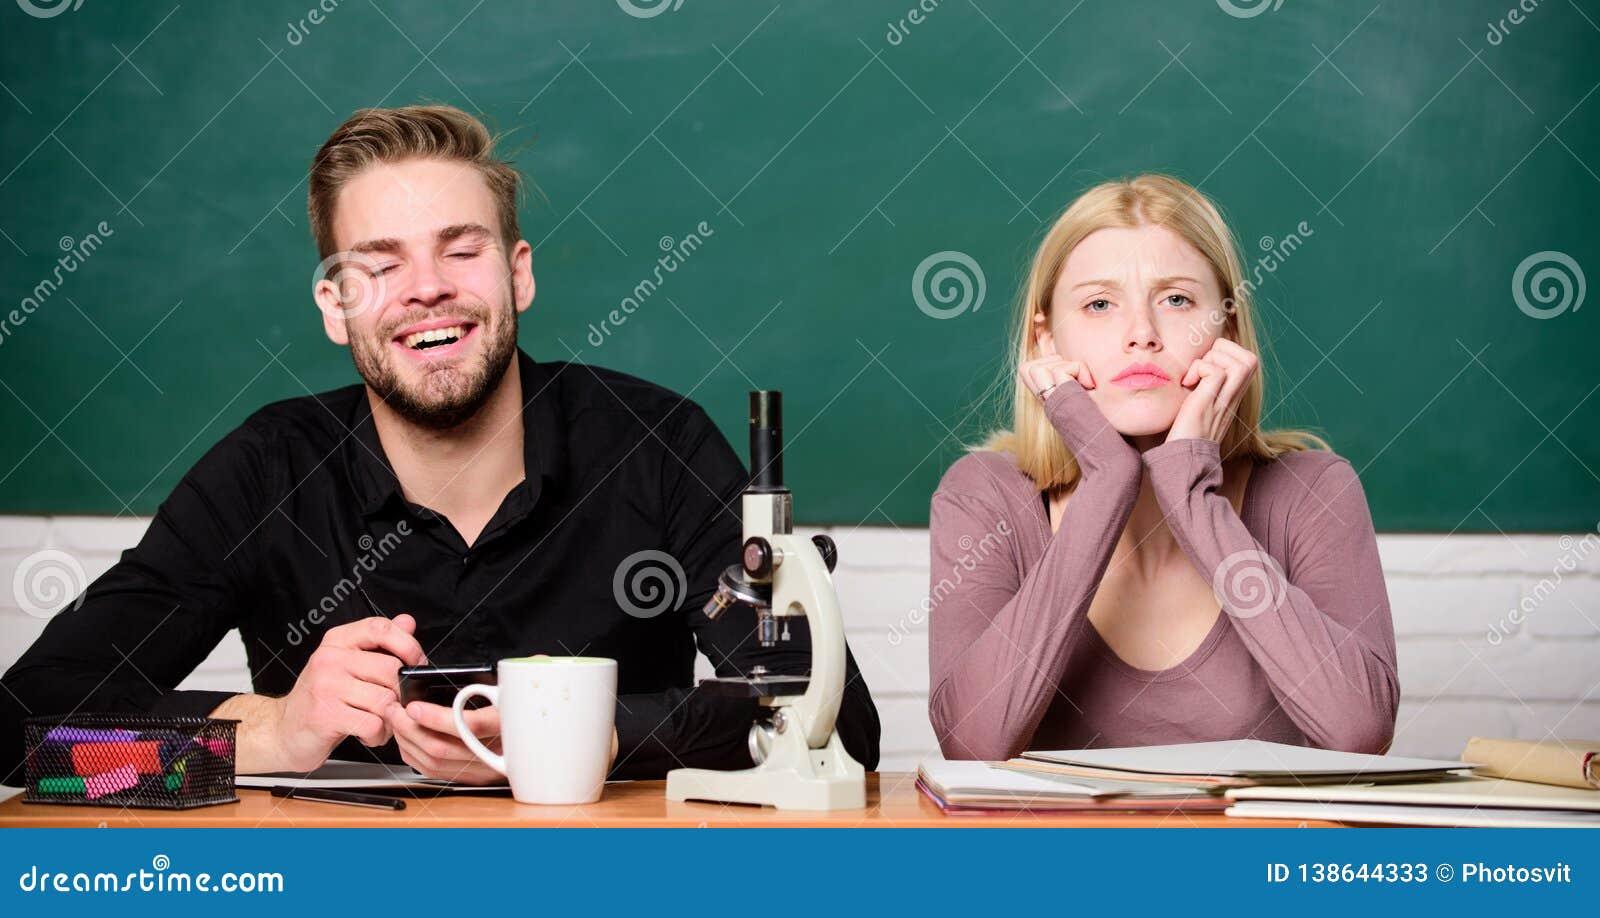 Σπουδαστές που μελετούν το πανεπιστήμιο Γενετική και εφαρμοσμένη μηχανική Δύσκολο πανεπιστημιακό θέμα πείραμα επιστημονικό Τύπος